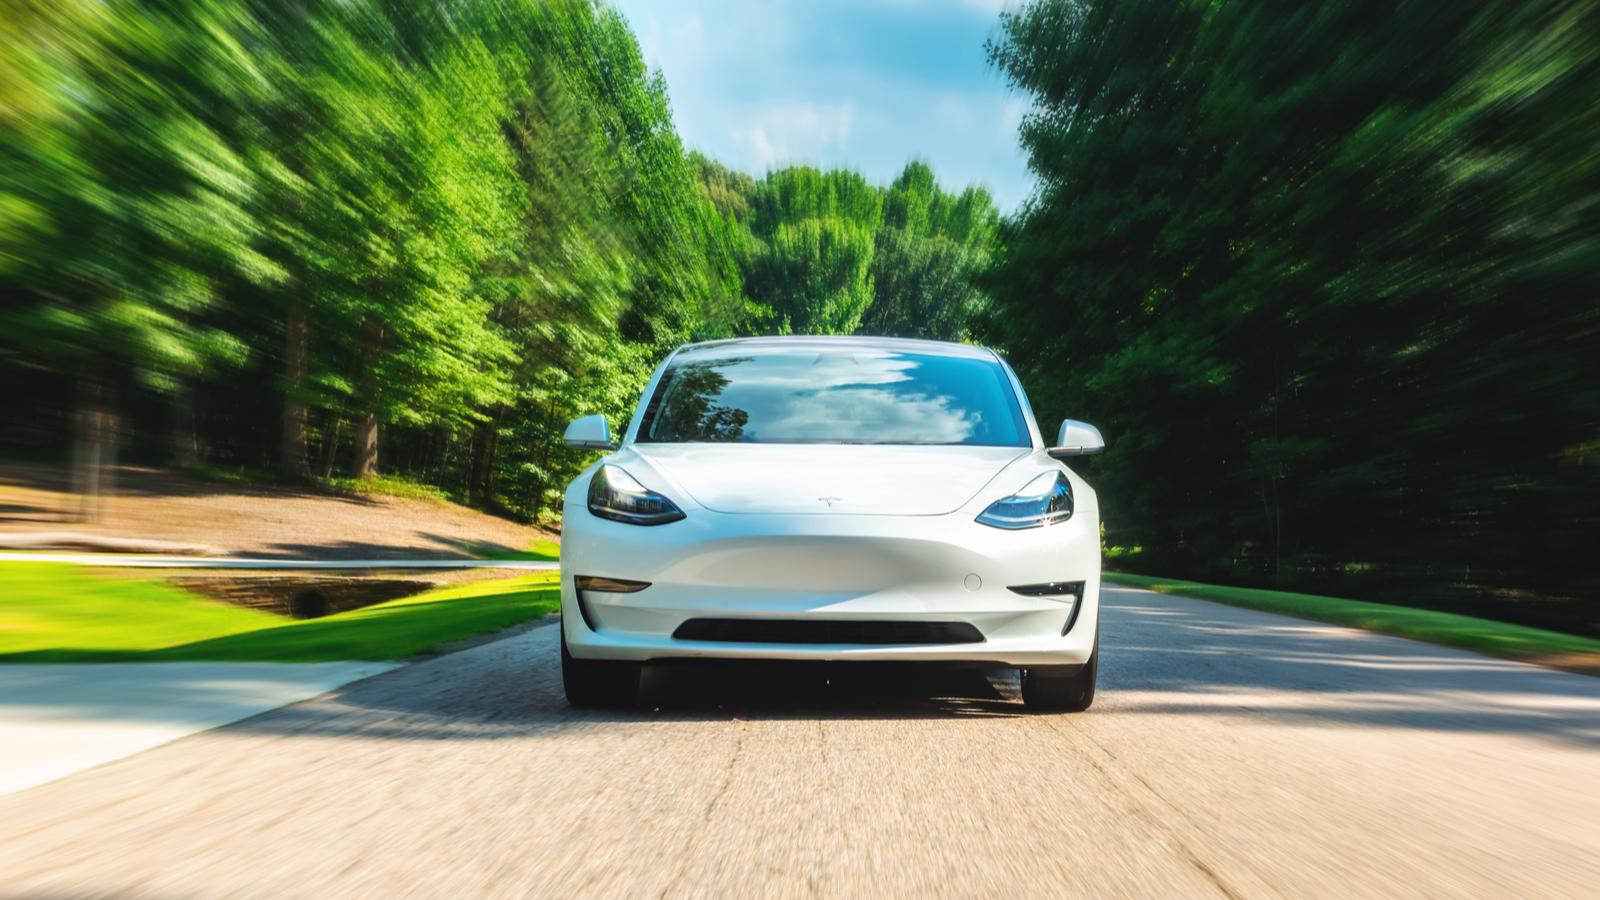 Elon Musk assure que la Tesla Model S tiendra très bientôt les 650 km d'autonomie